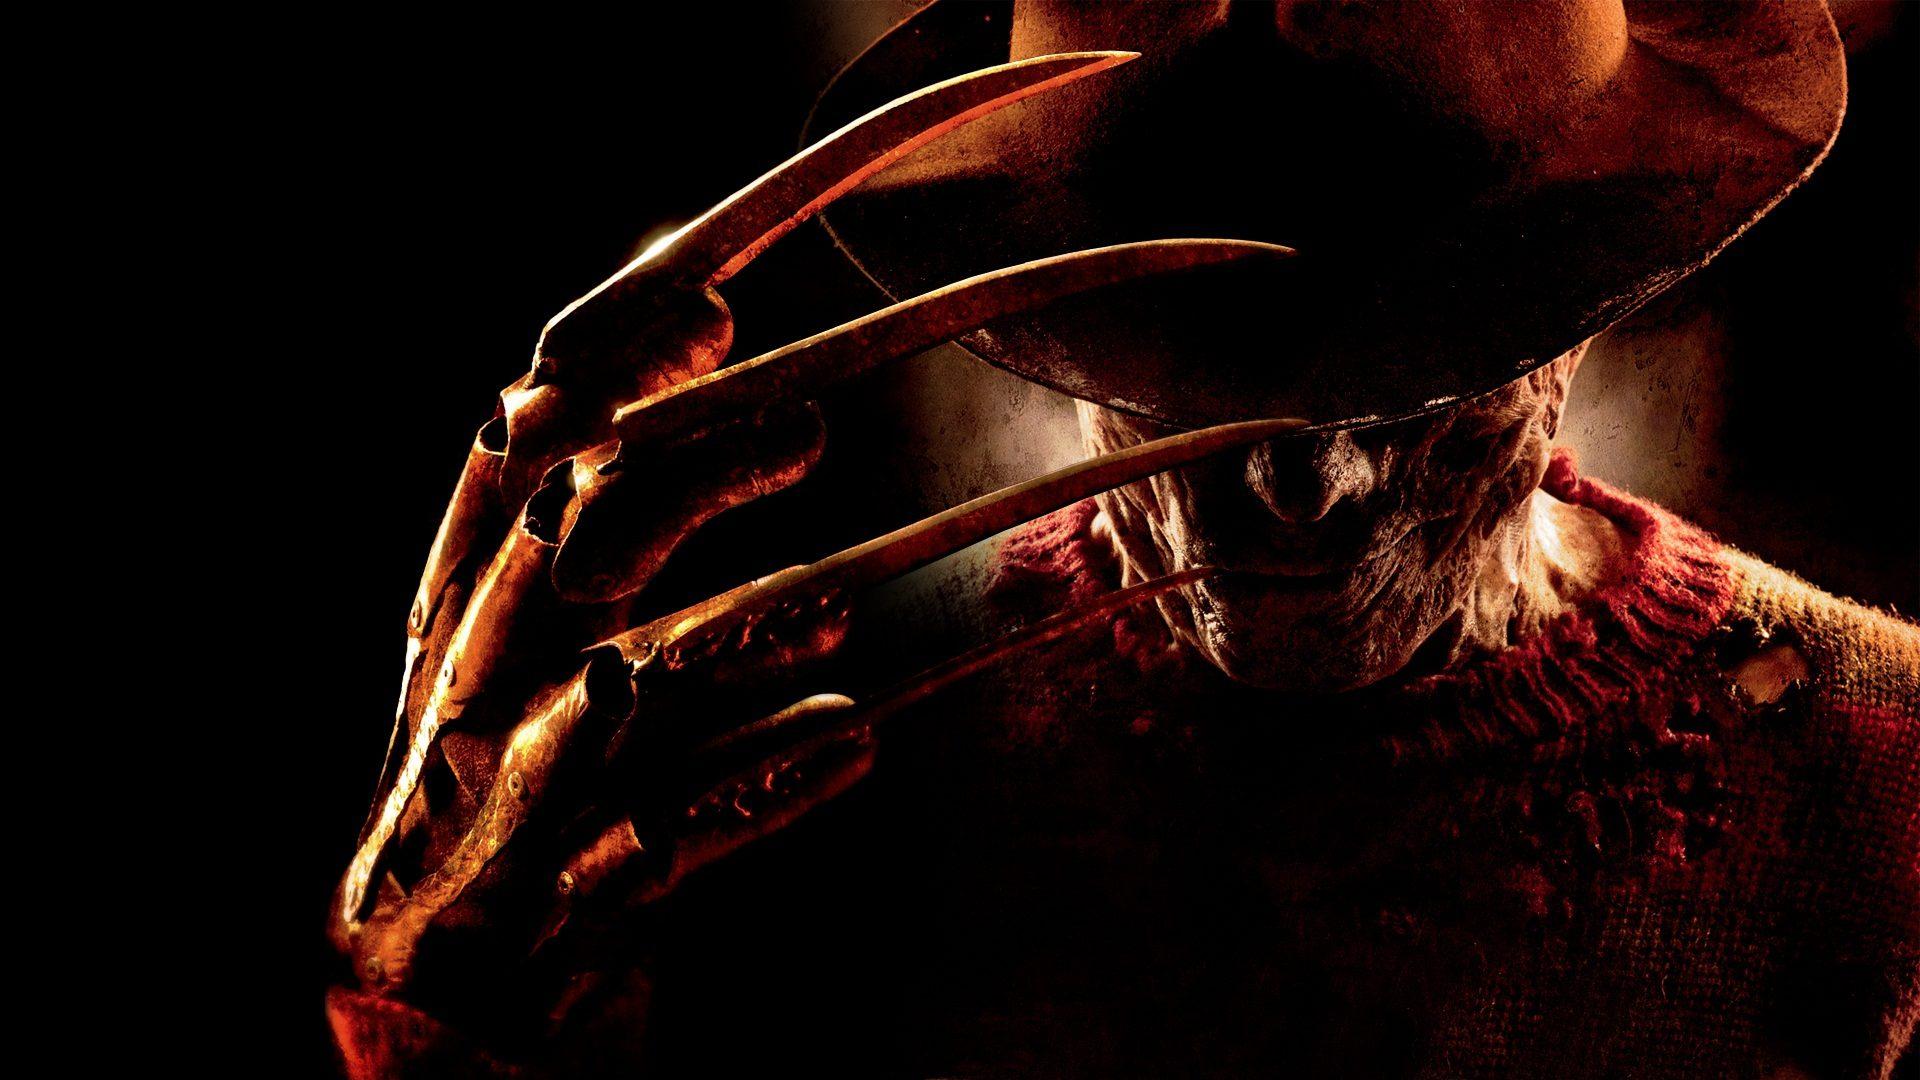 Freddy Krueger Podra Llegar A Dead By Daylight Junto Al